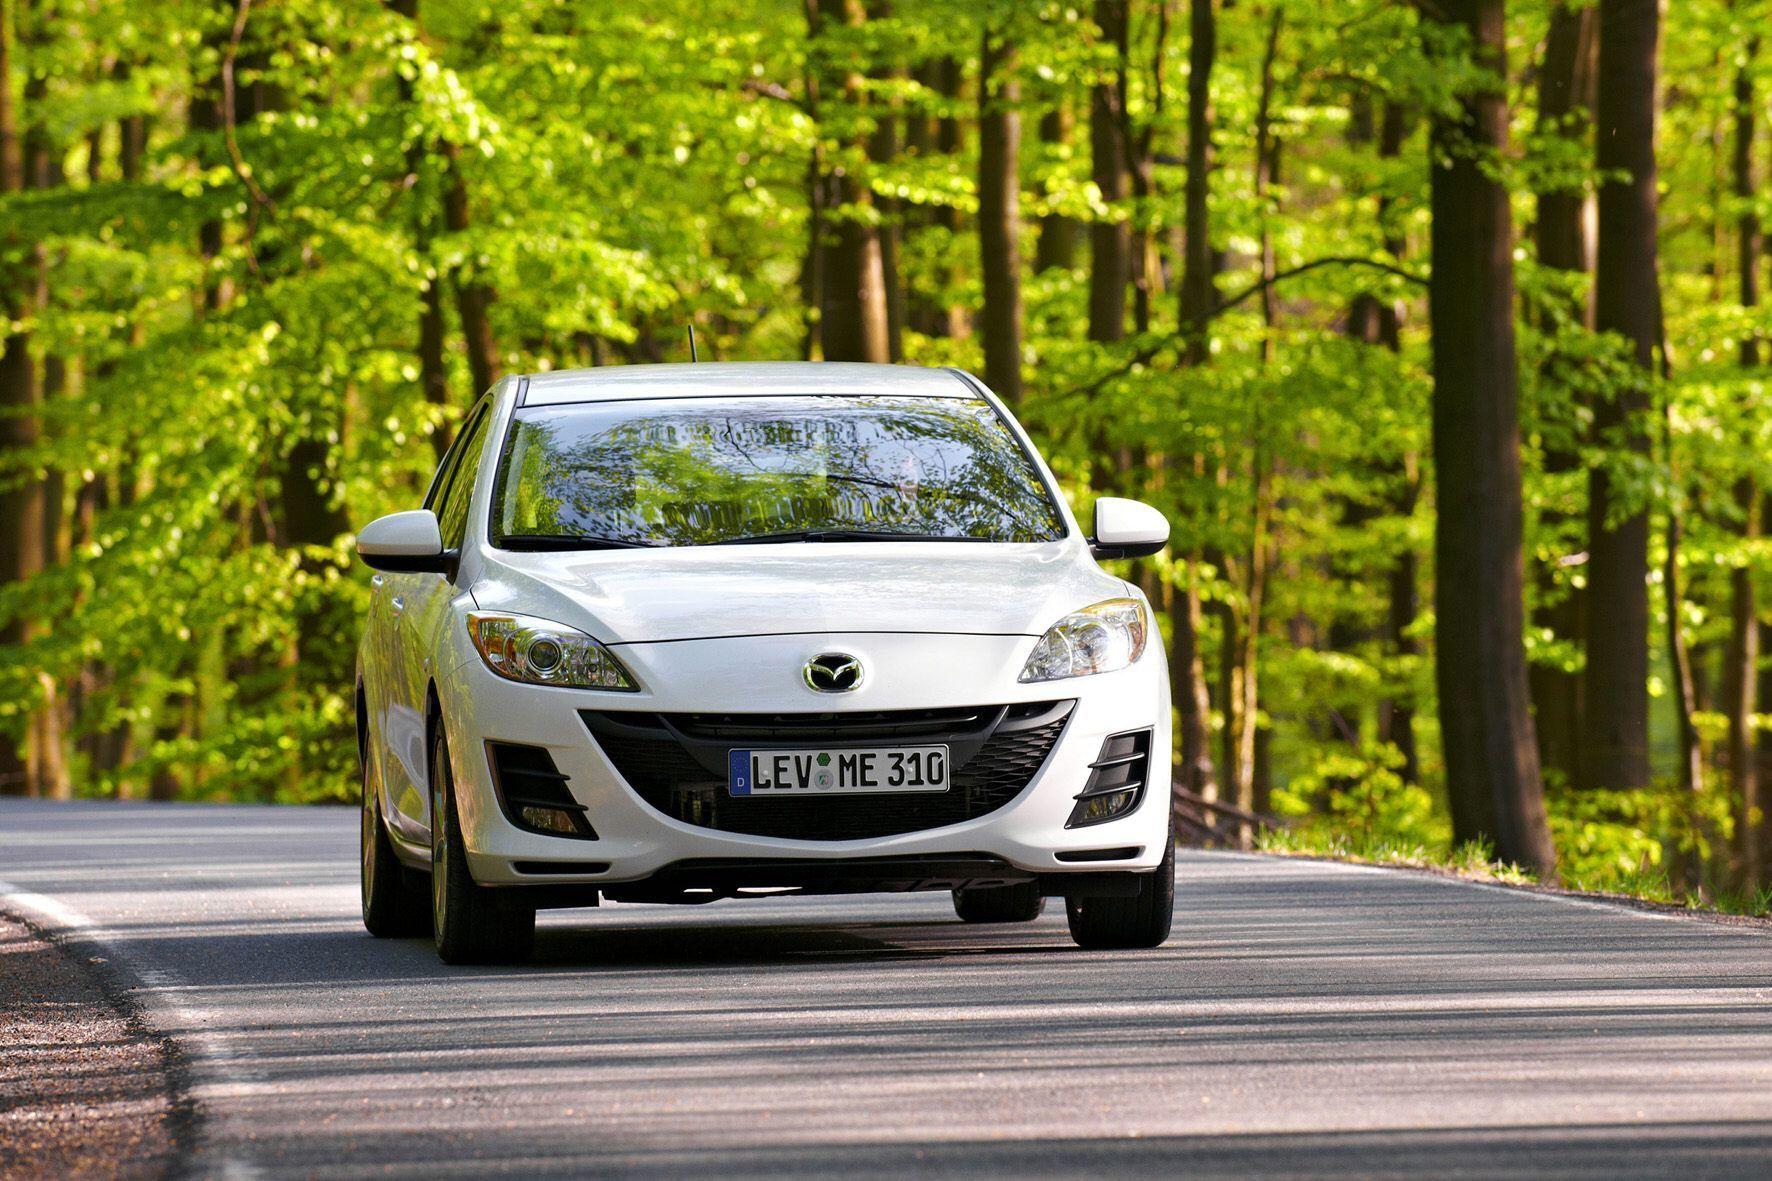 mid Groß-Gerau - Drei ältere Mazda-Modelle - unter anderem der 3er (Foto) - müssen wegen einer zu schwach ausgelegten Sitzverstellung in die Werkstatt.